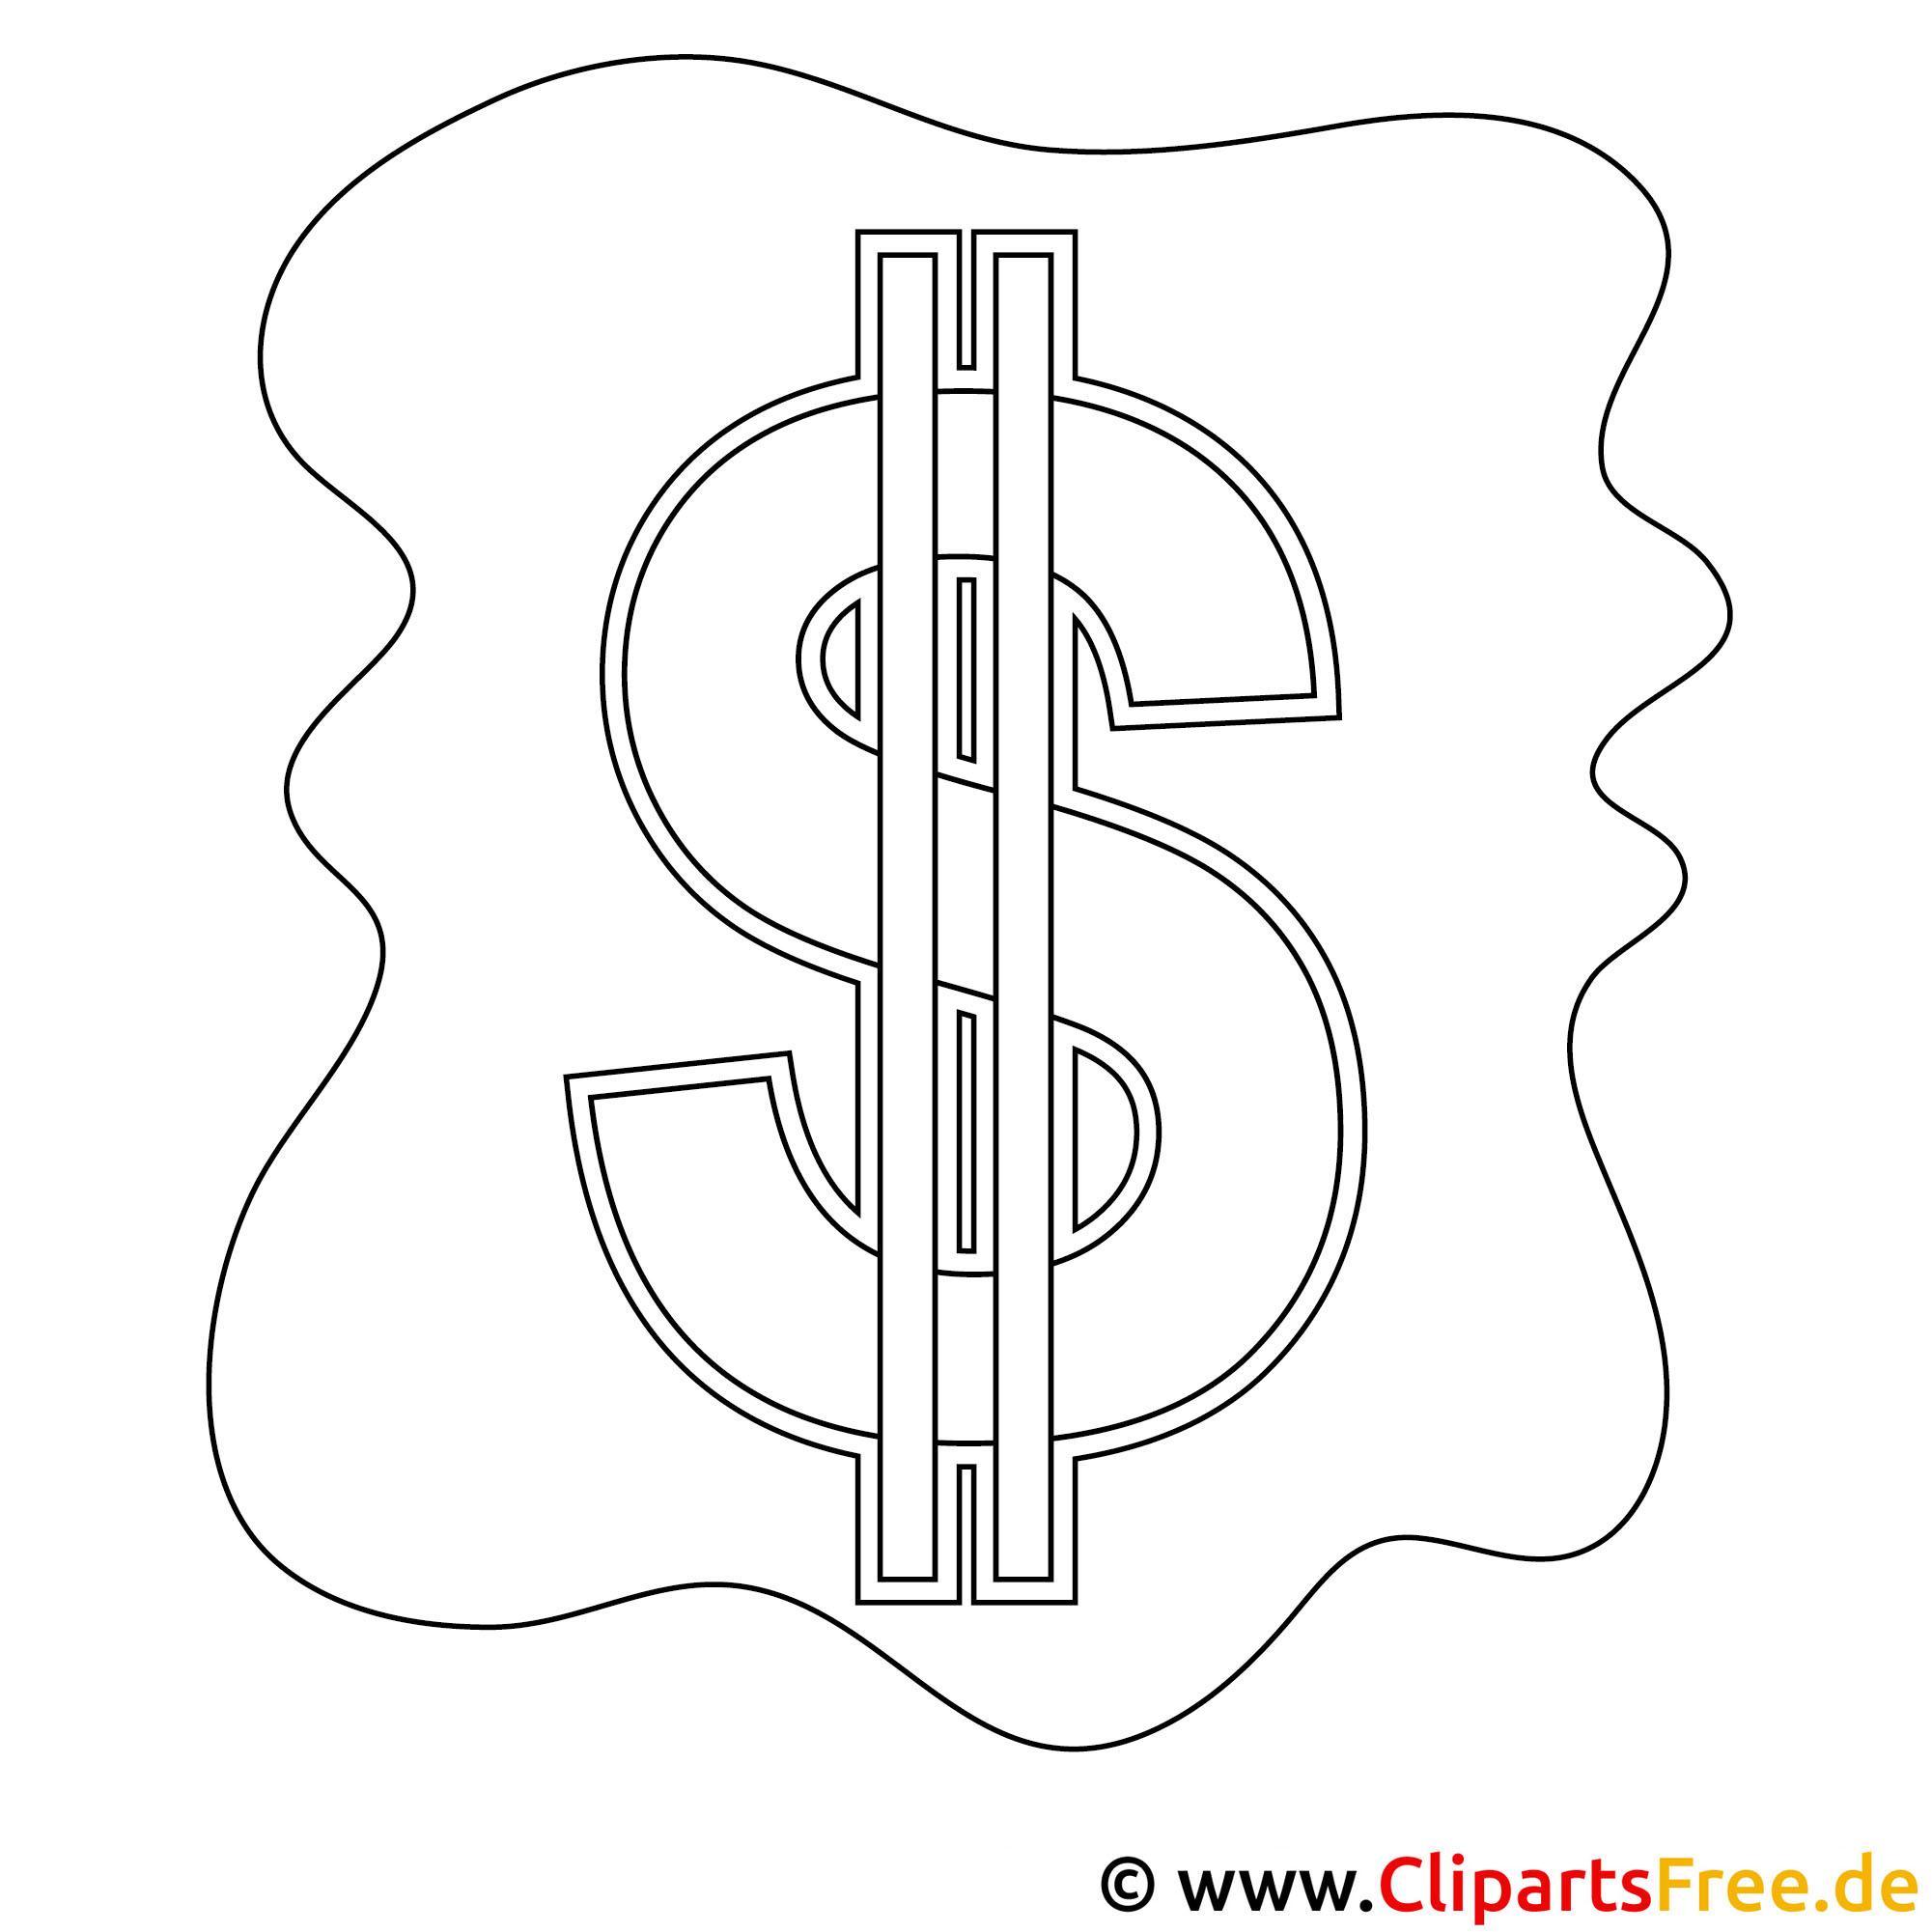 malvorlage dollarzeichen  coloring and malvorlagan